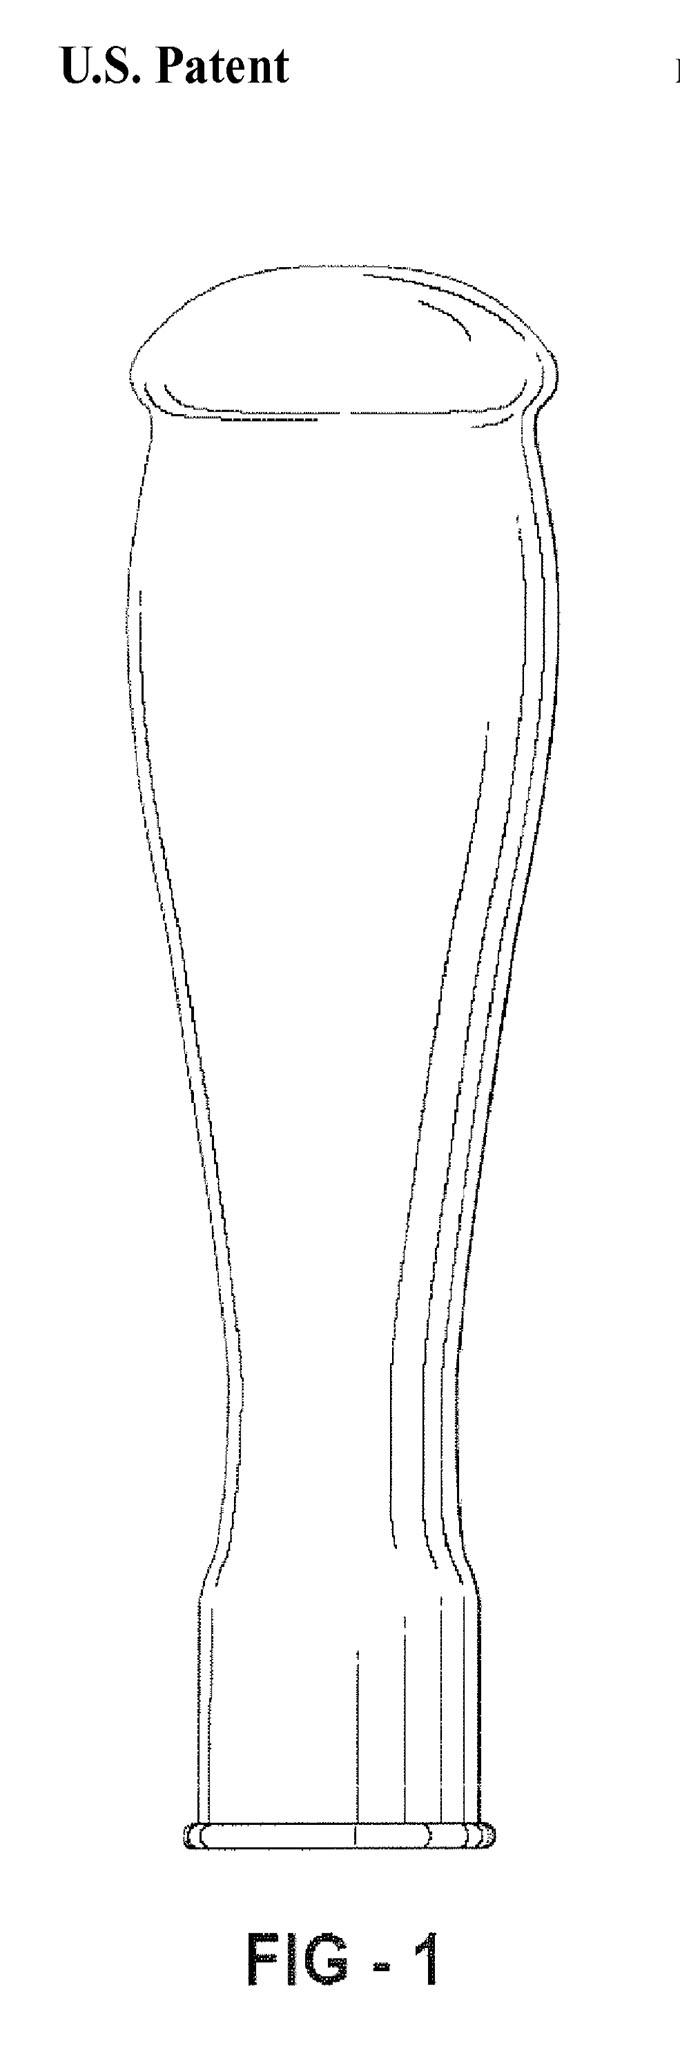 soroskorso-alaku-gumiovszer-szabadalom-pintz.jpg